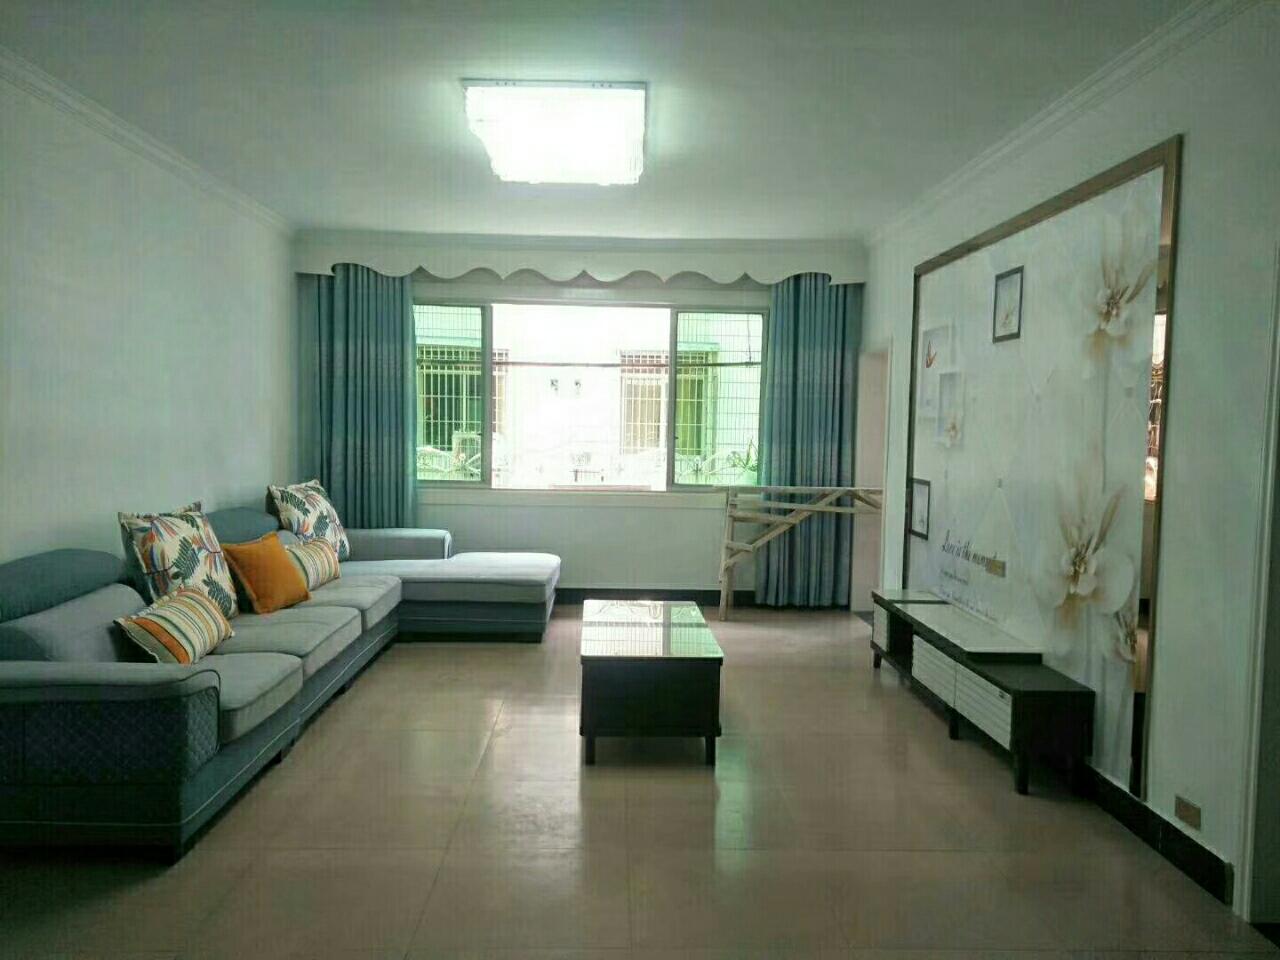 义园街附近3室 2厅 1卫34.8万元